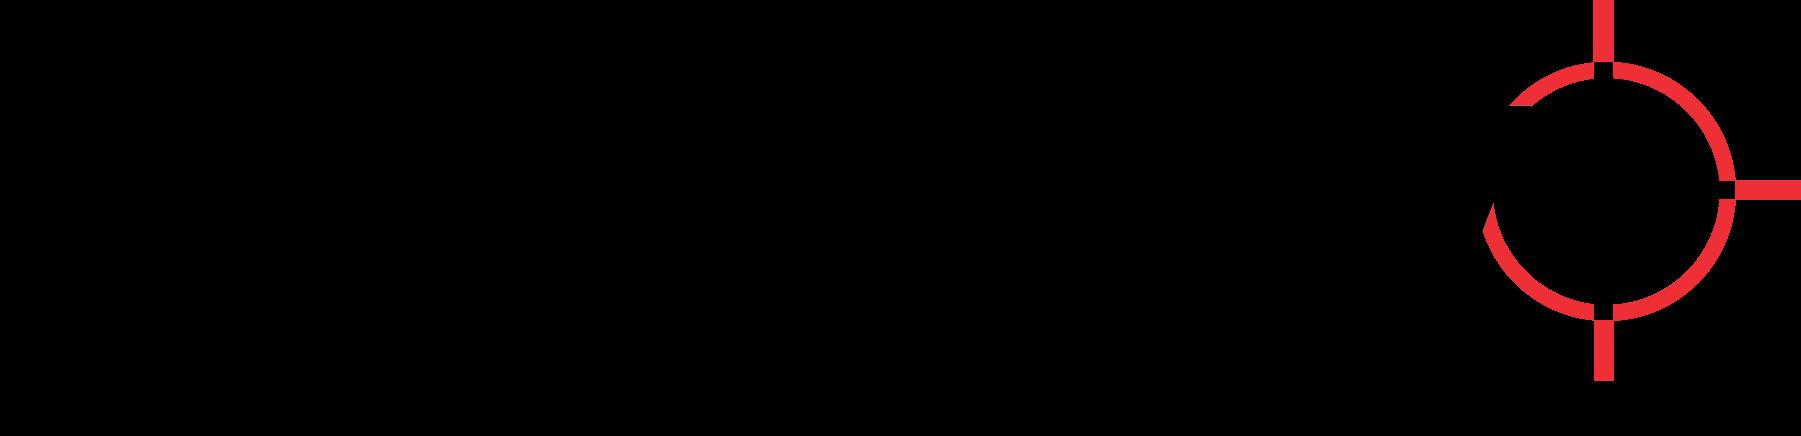 Boulzeye logo2019